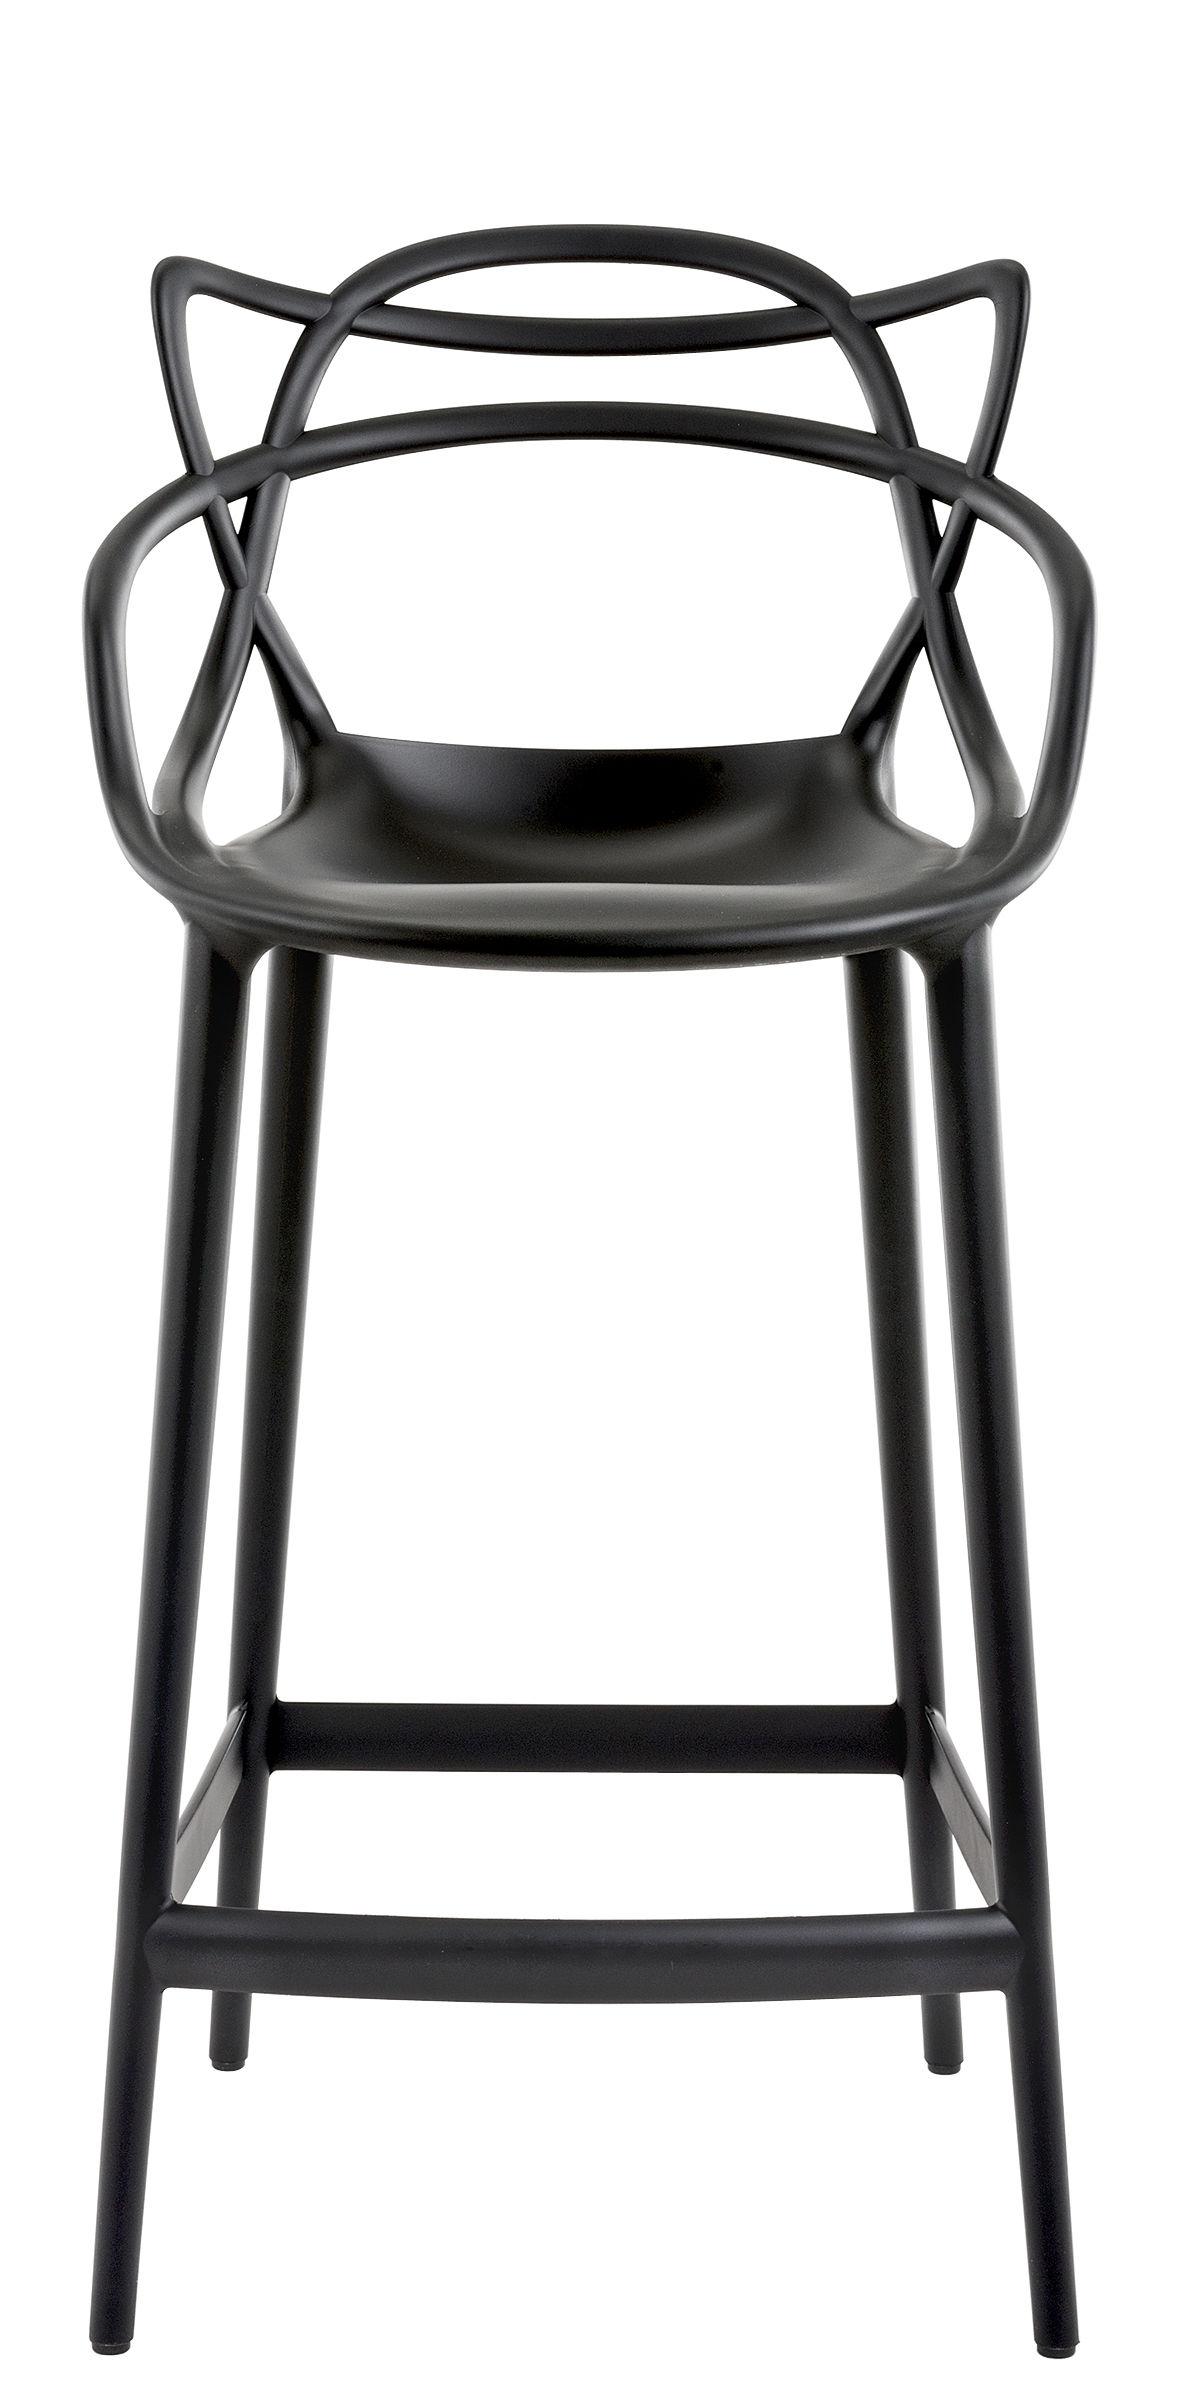 Möbel - Barhocker - Masters Hochstuhl / H 65 cm - Kartell - Schwarz - Polypropylen